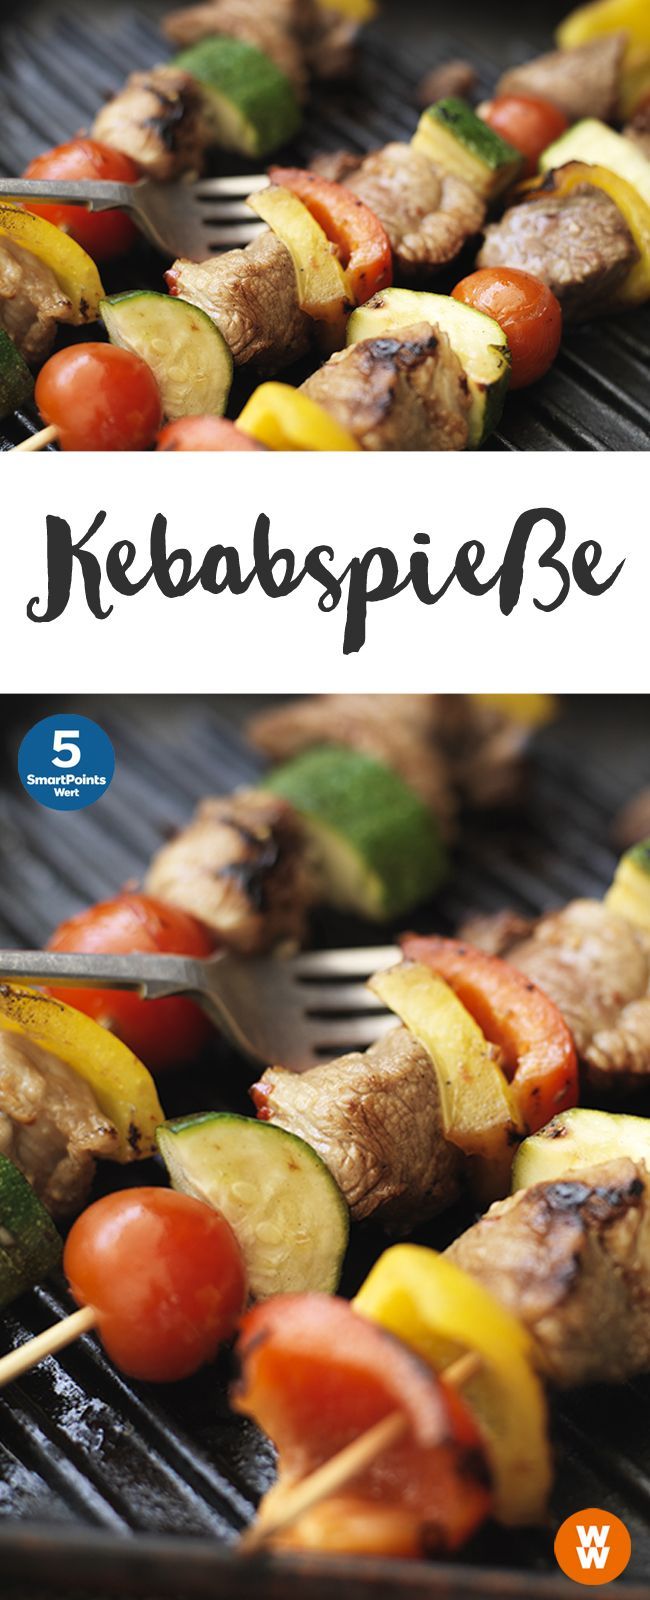 Kebabspieße